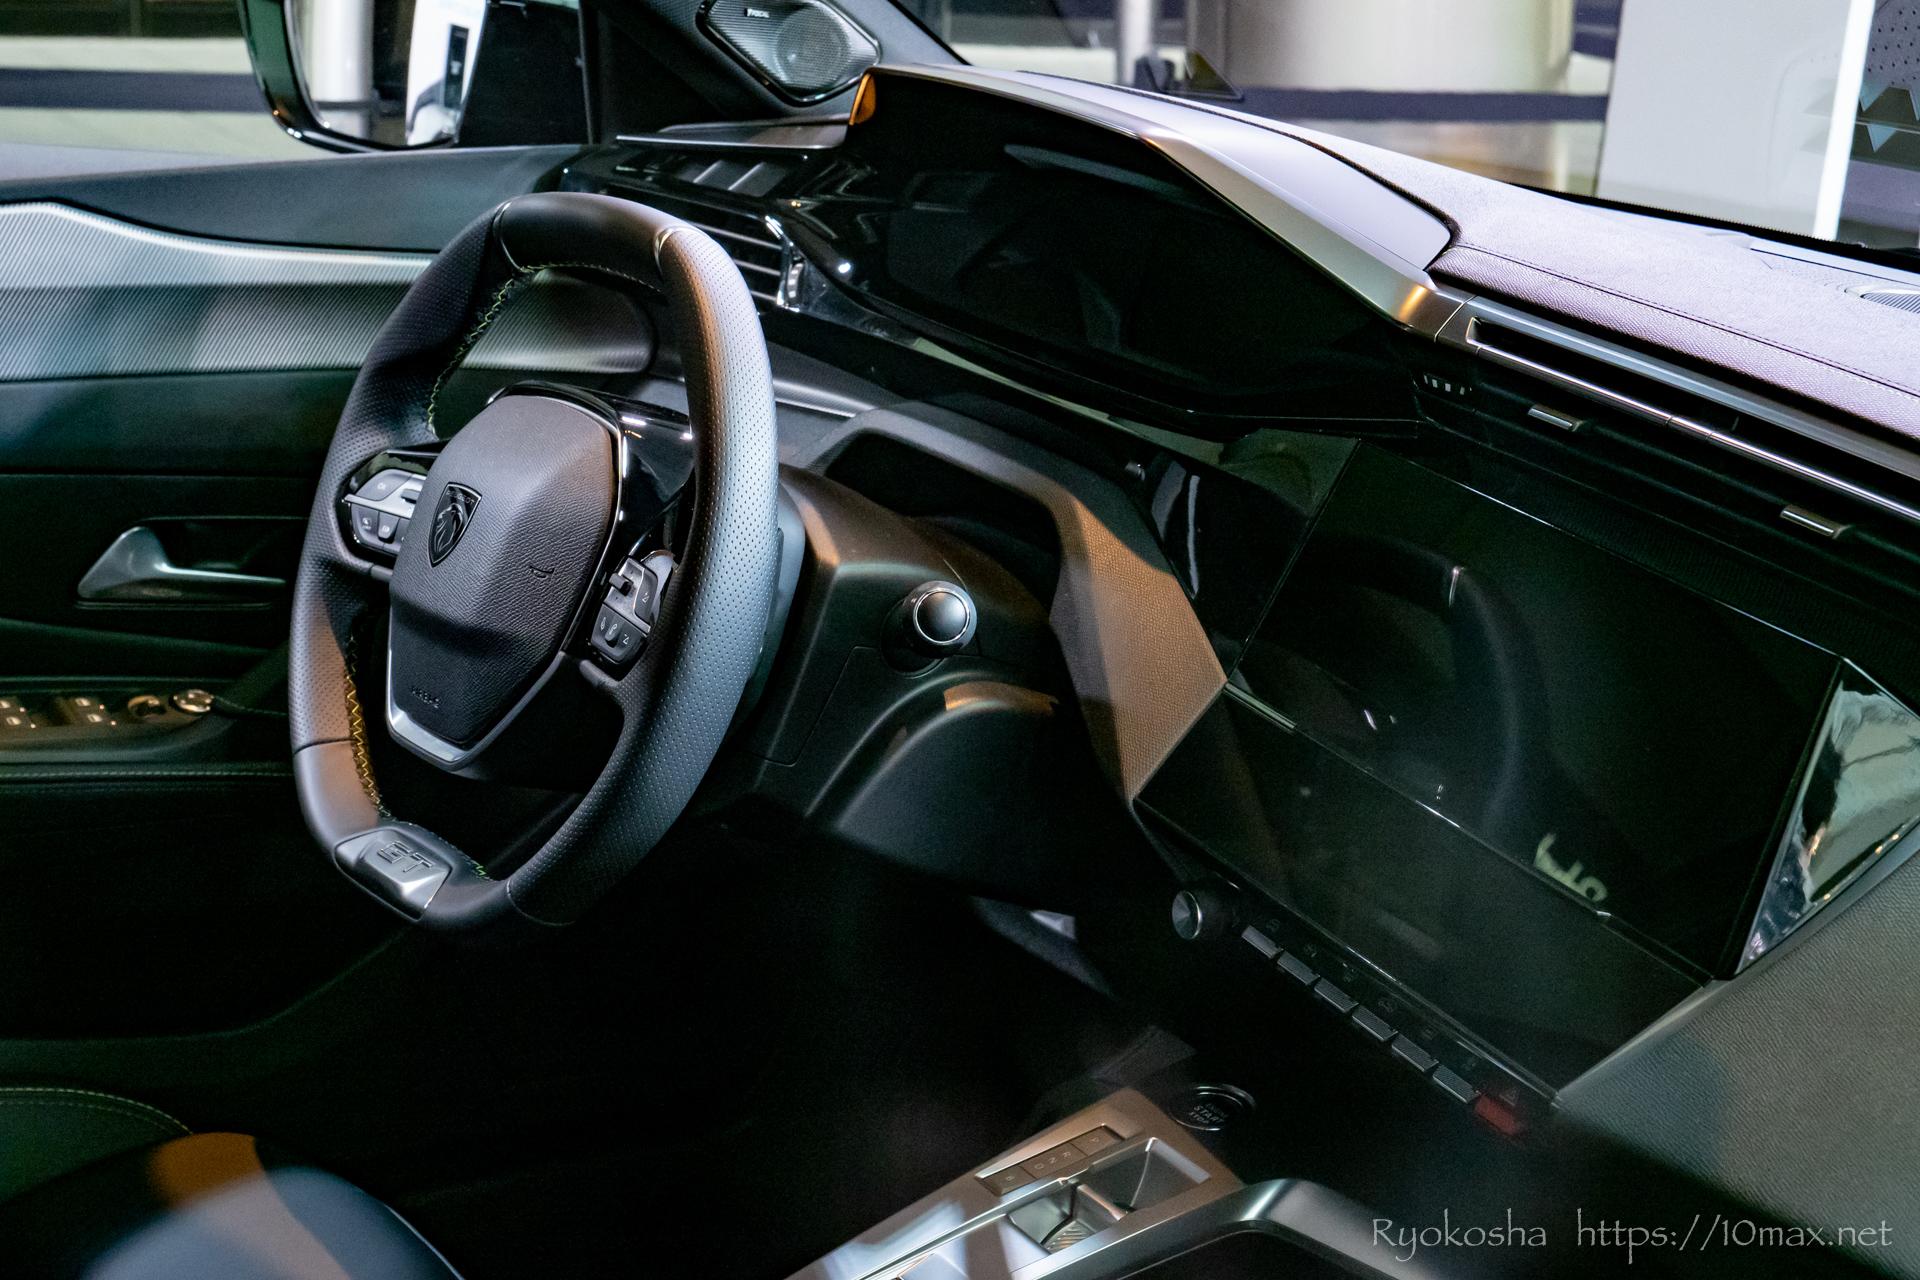 プジョー 308 新型 LION EXPERIENCE 2021 六本木ヒルズ 実車 写真 内装 インテリア